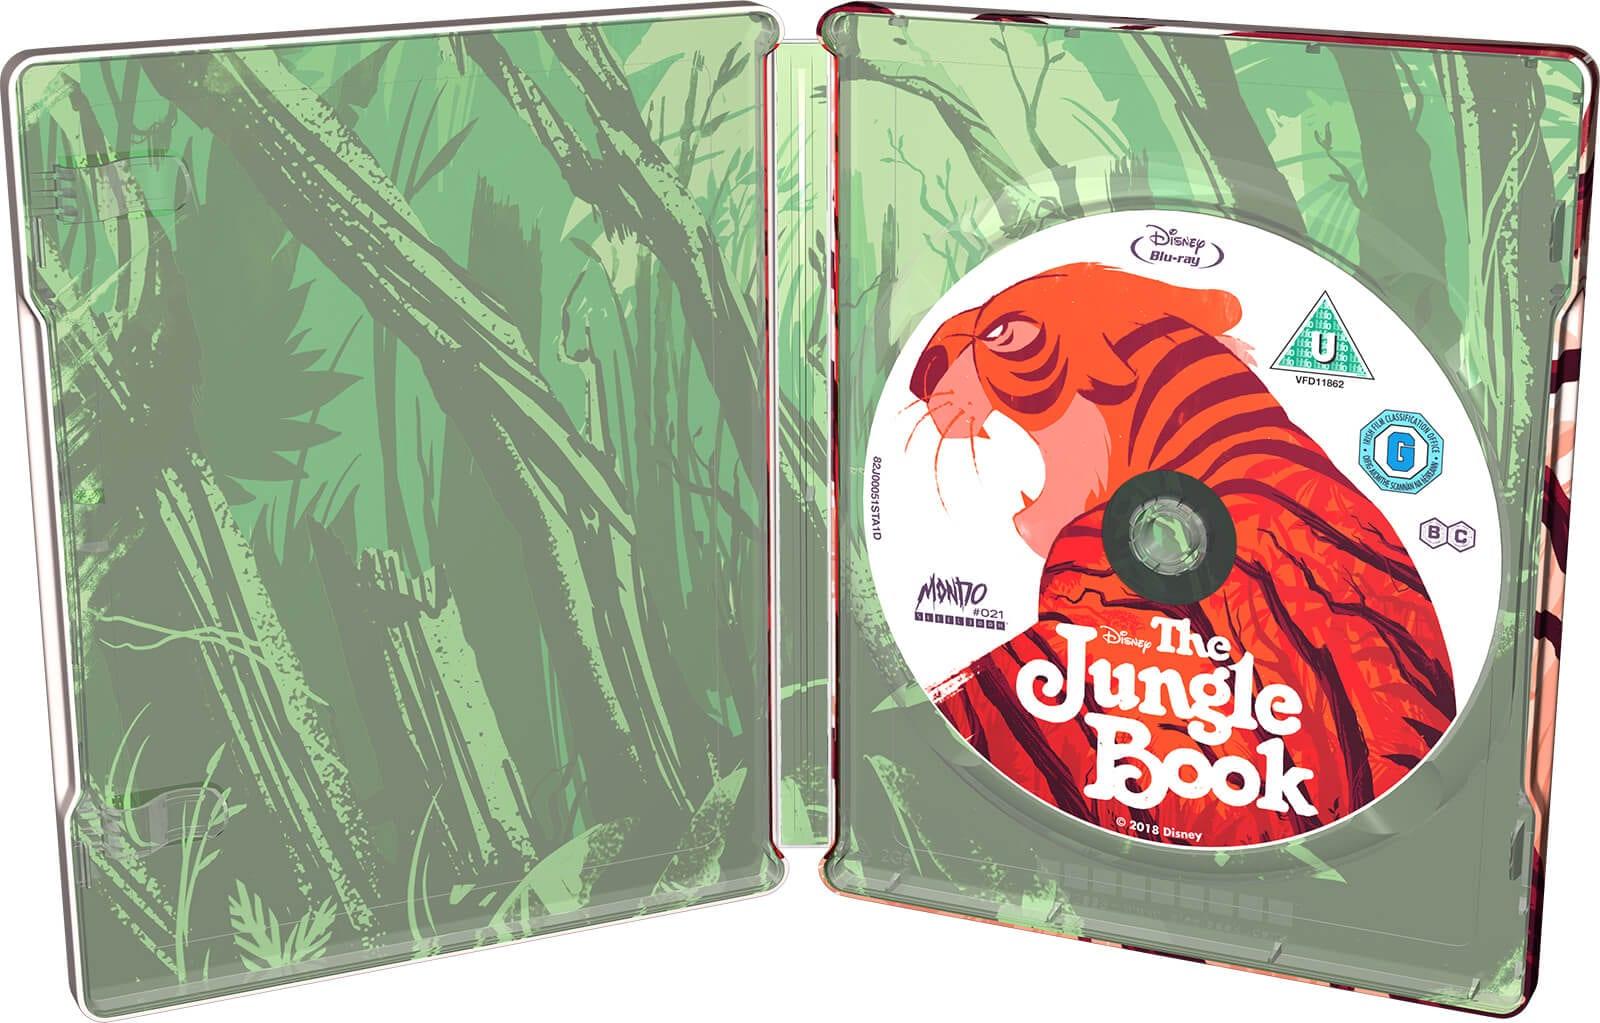 The Jungle Book (Animation) - Mondo Steelbook Zavvi Exclusive Interior